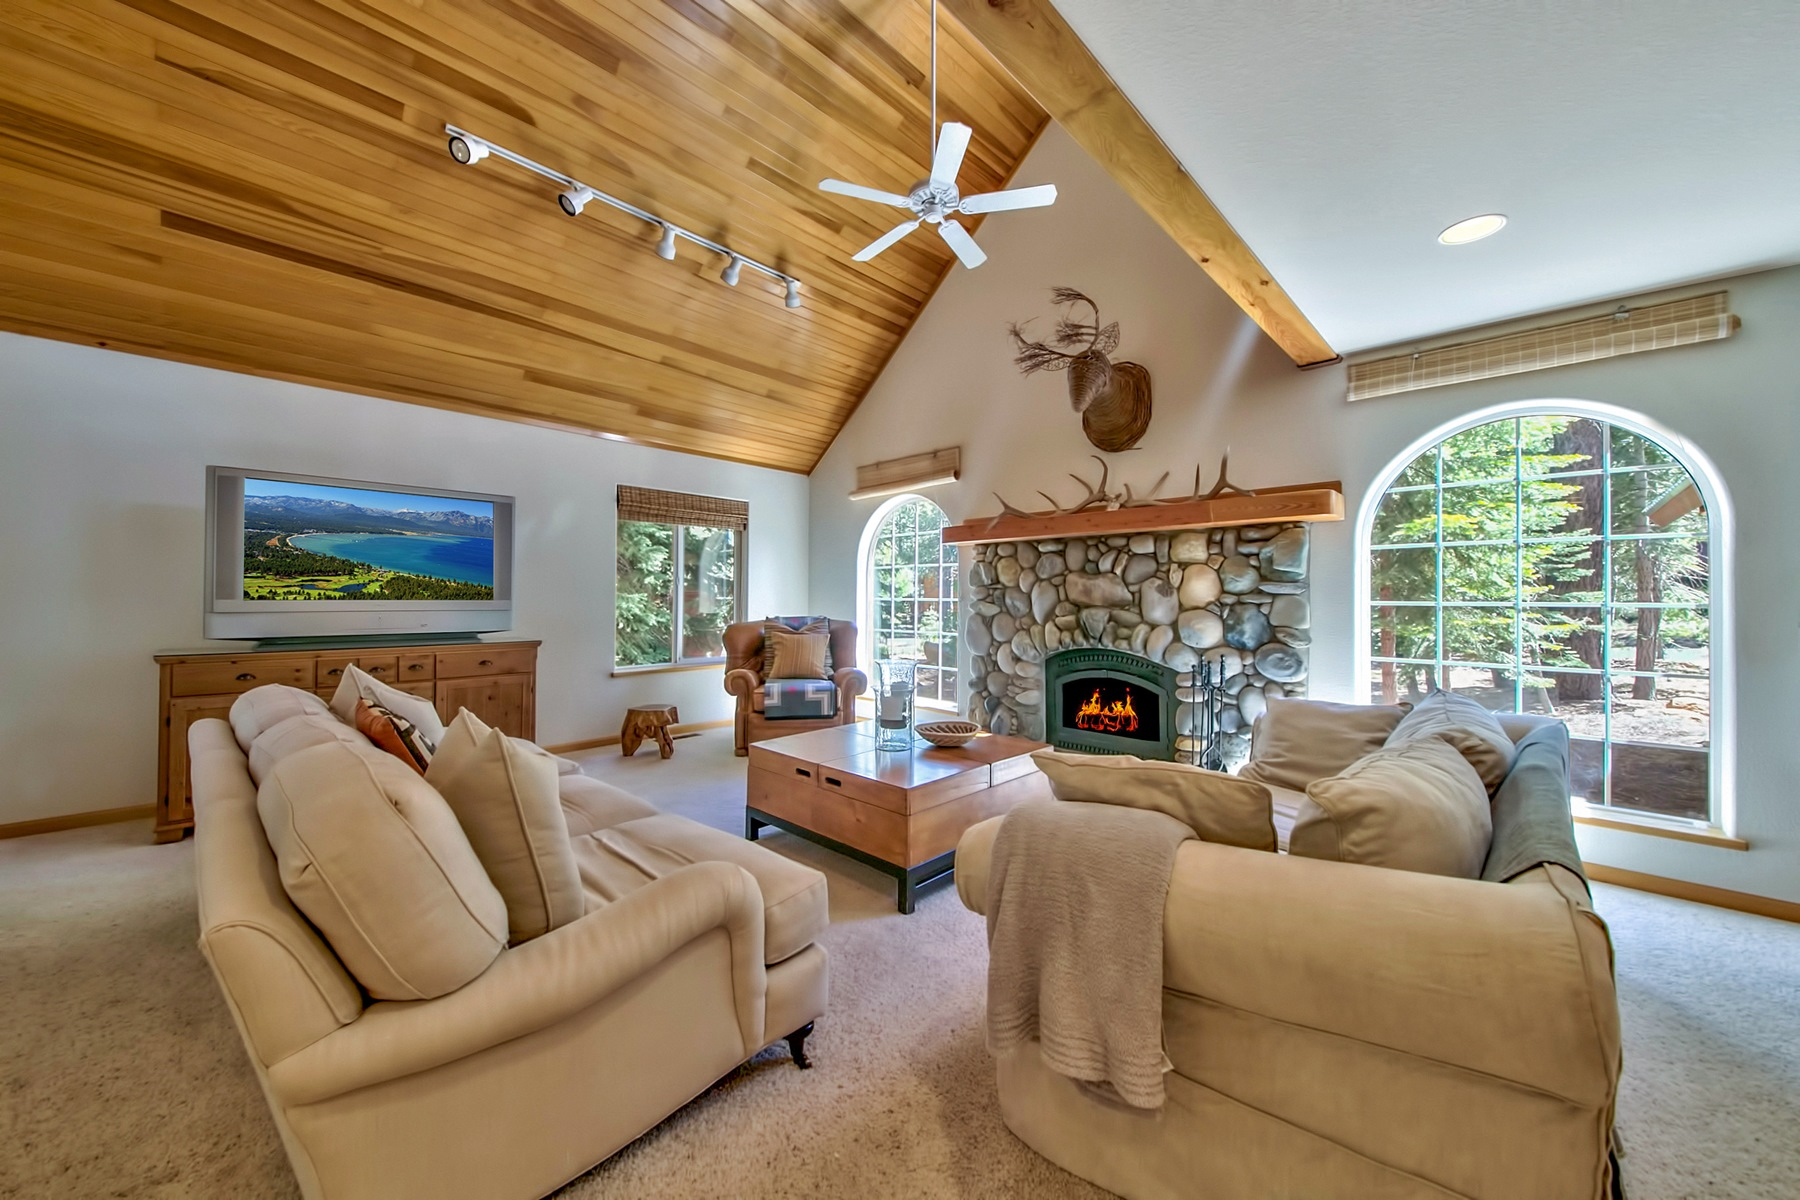 独户住宅 为 销售 在 14276 Tyrol Road 特拉基, 加利福尼亚州 96161 美国